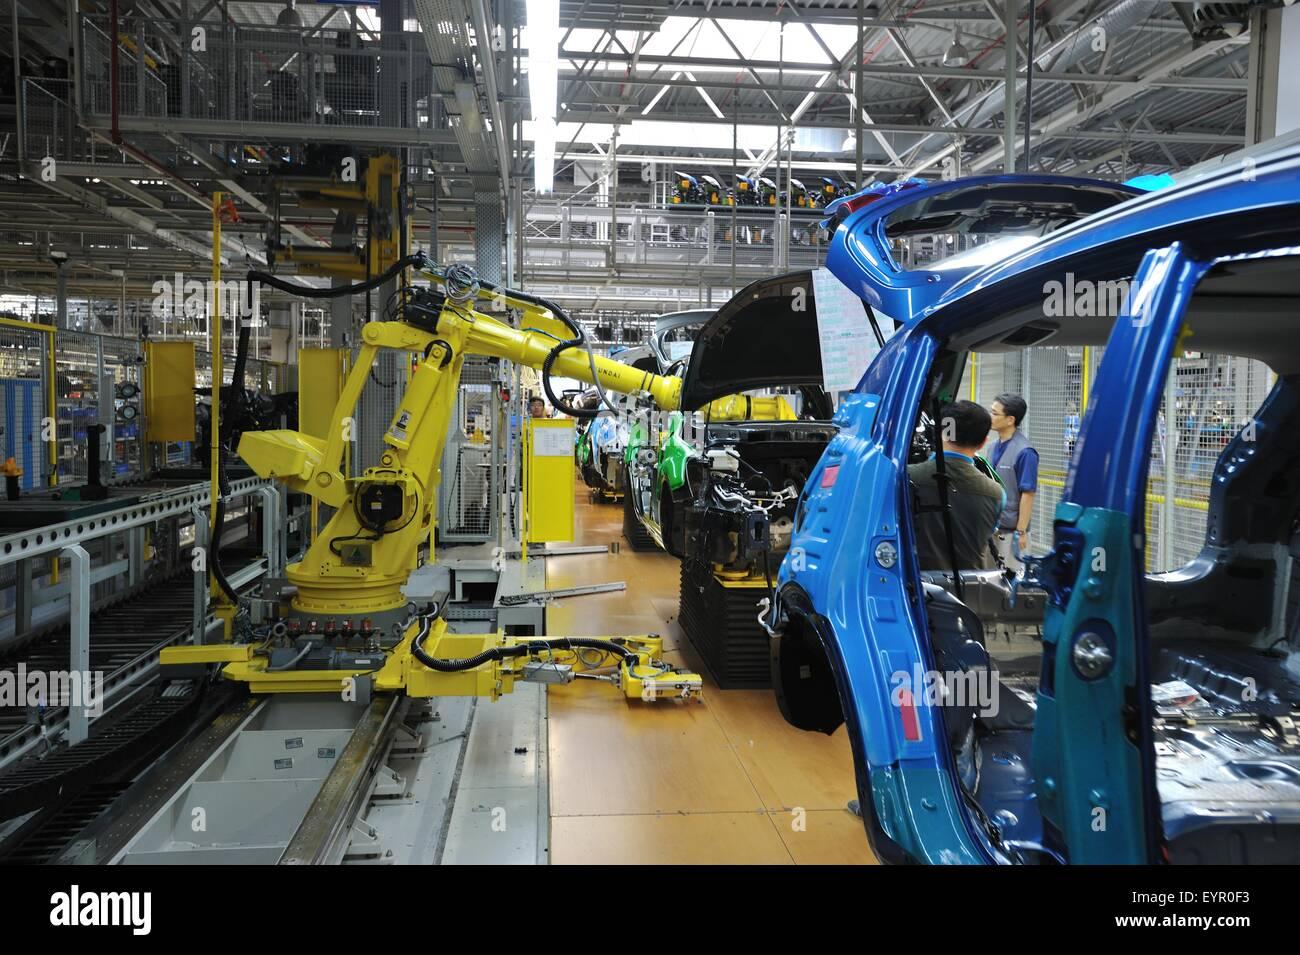 À l'intérieur d'une usine de voitures modernes, des véhicules et des pièces se déplacent Photo Stock